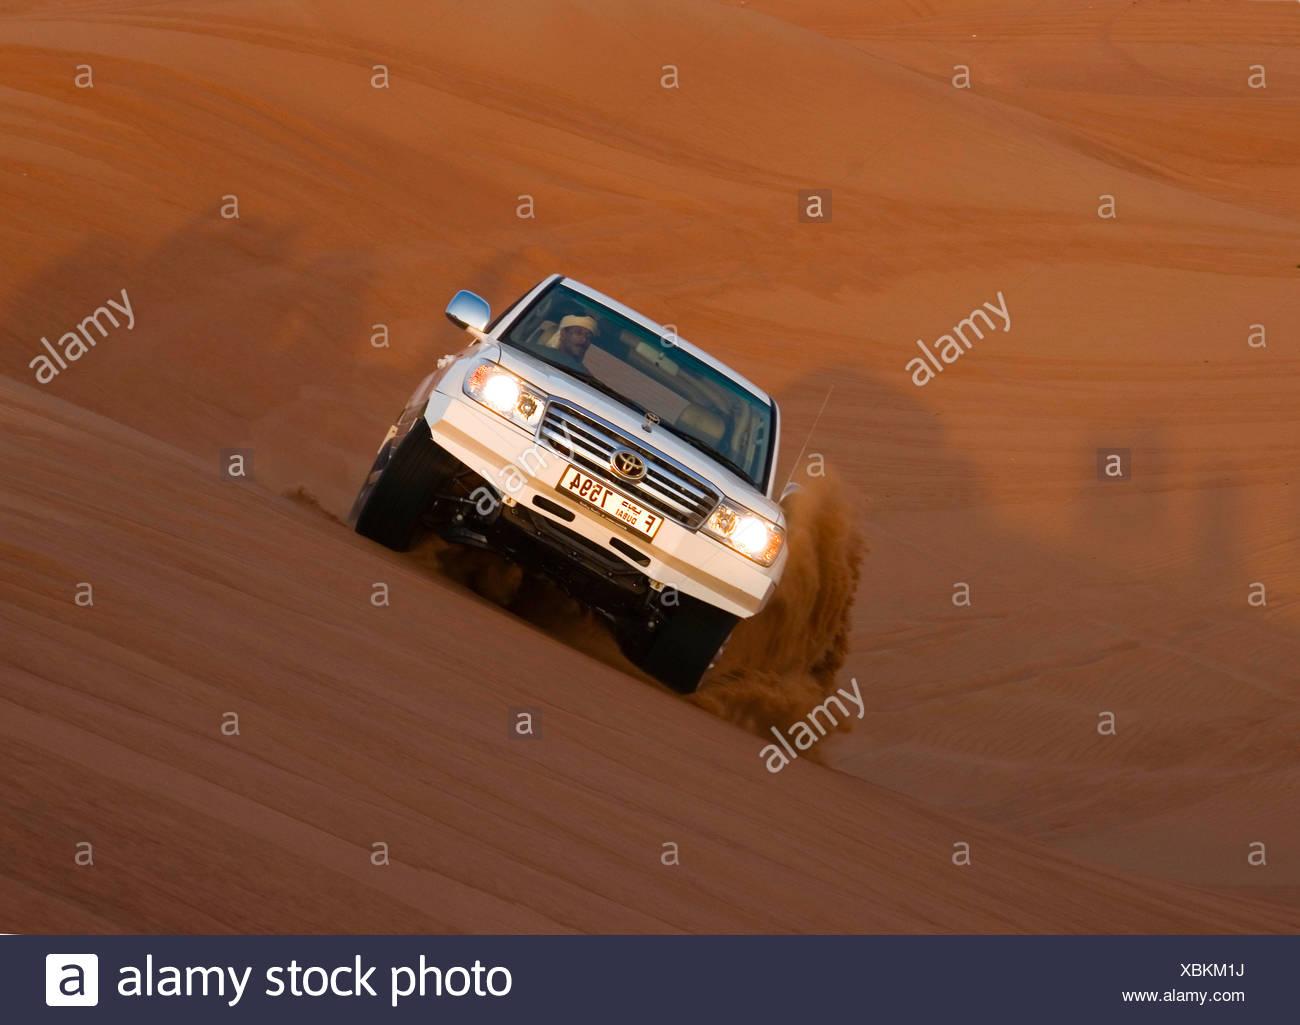 Offroad car in dunes, Dubai, United Arabic Emiraates UAE - Stock Image